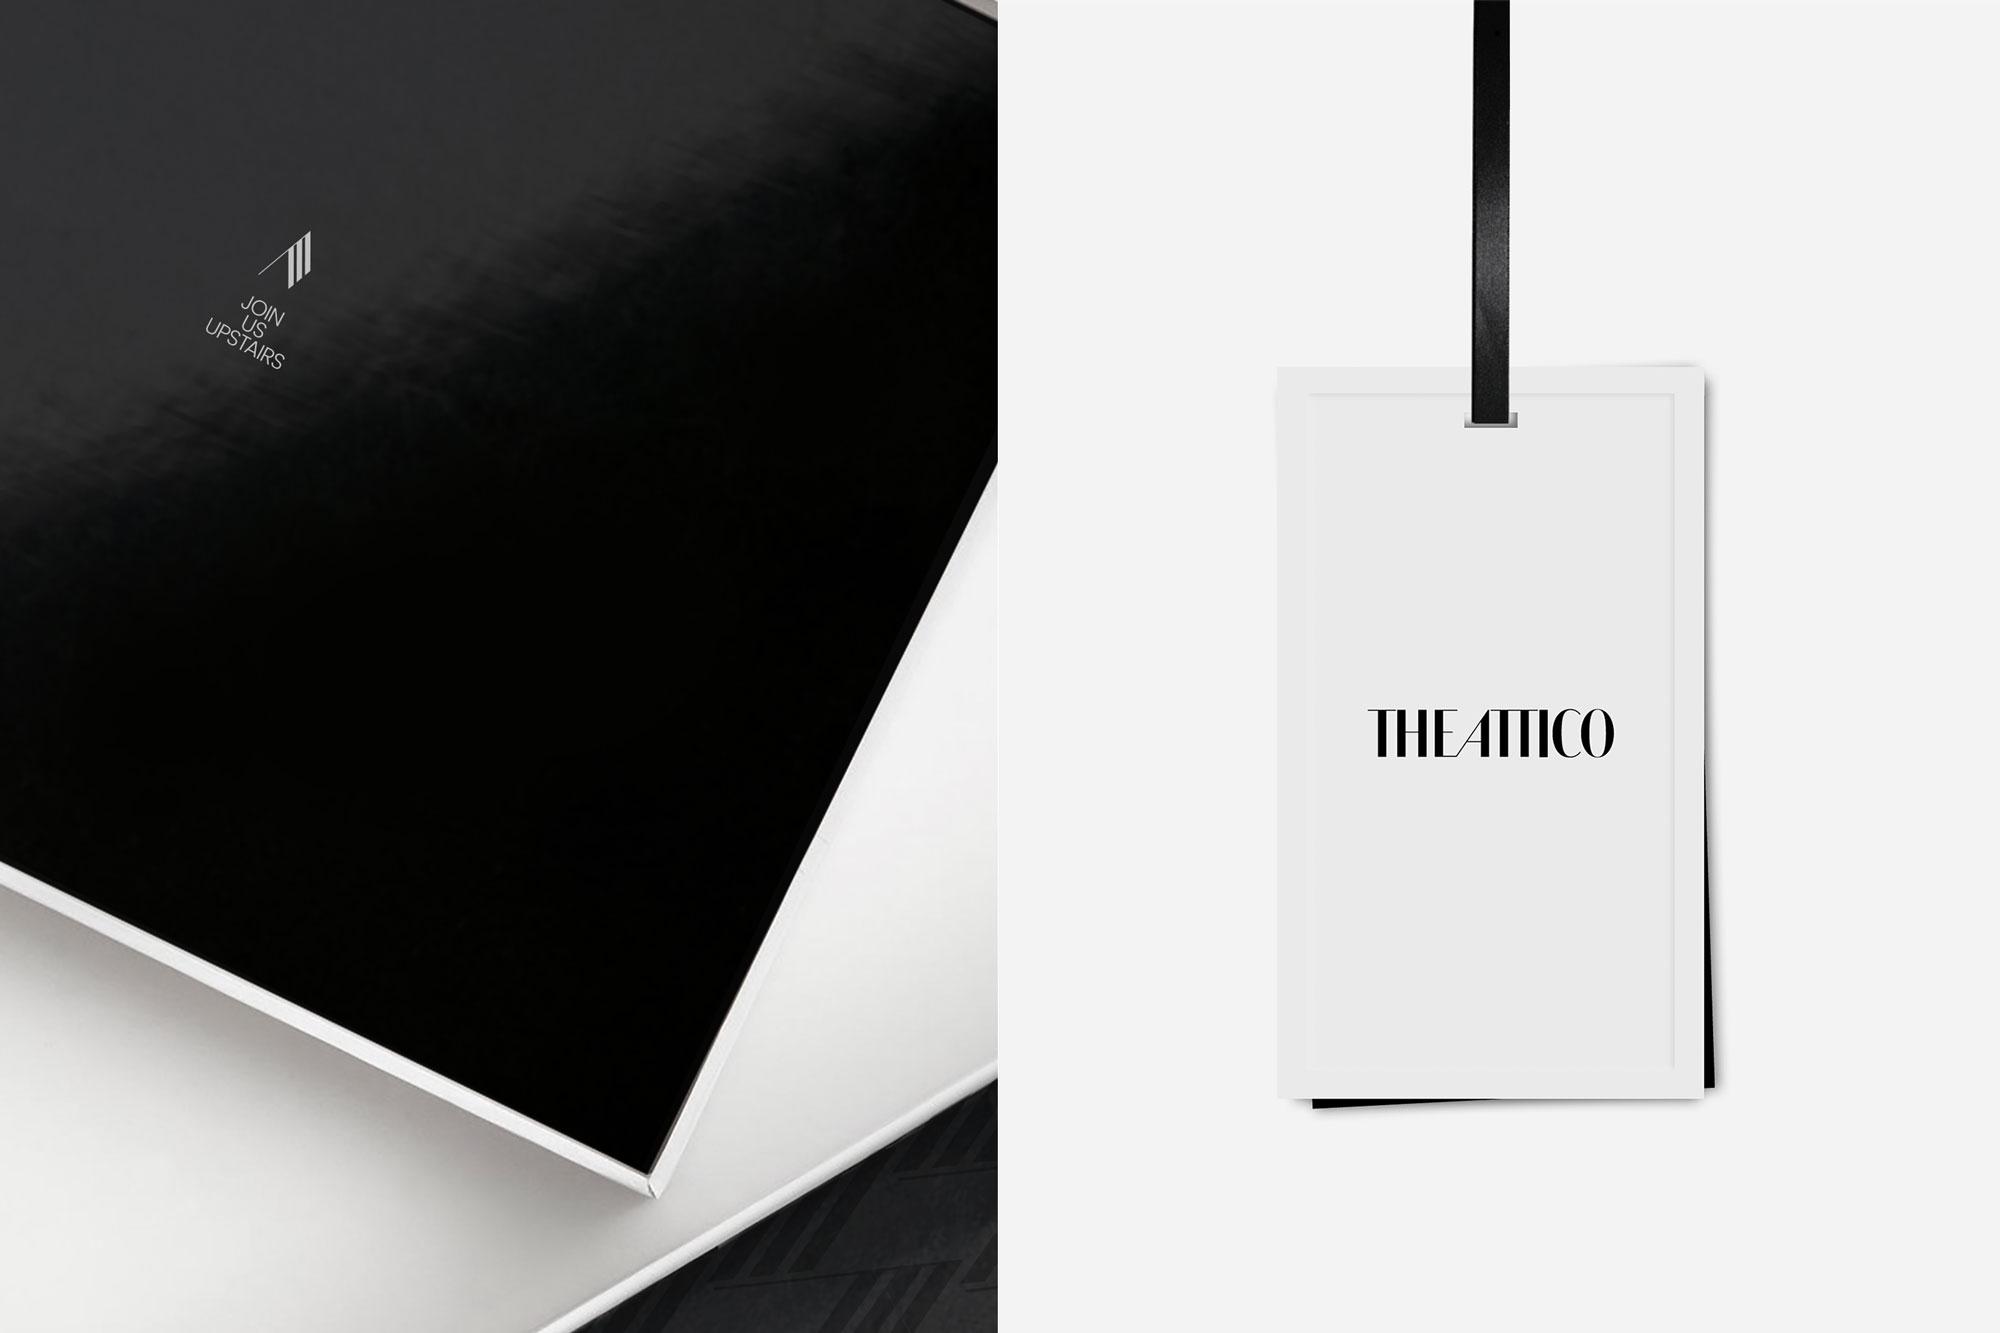 THE_ATTICO_01_2000